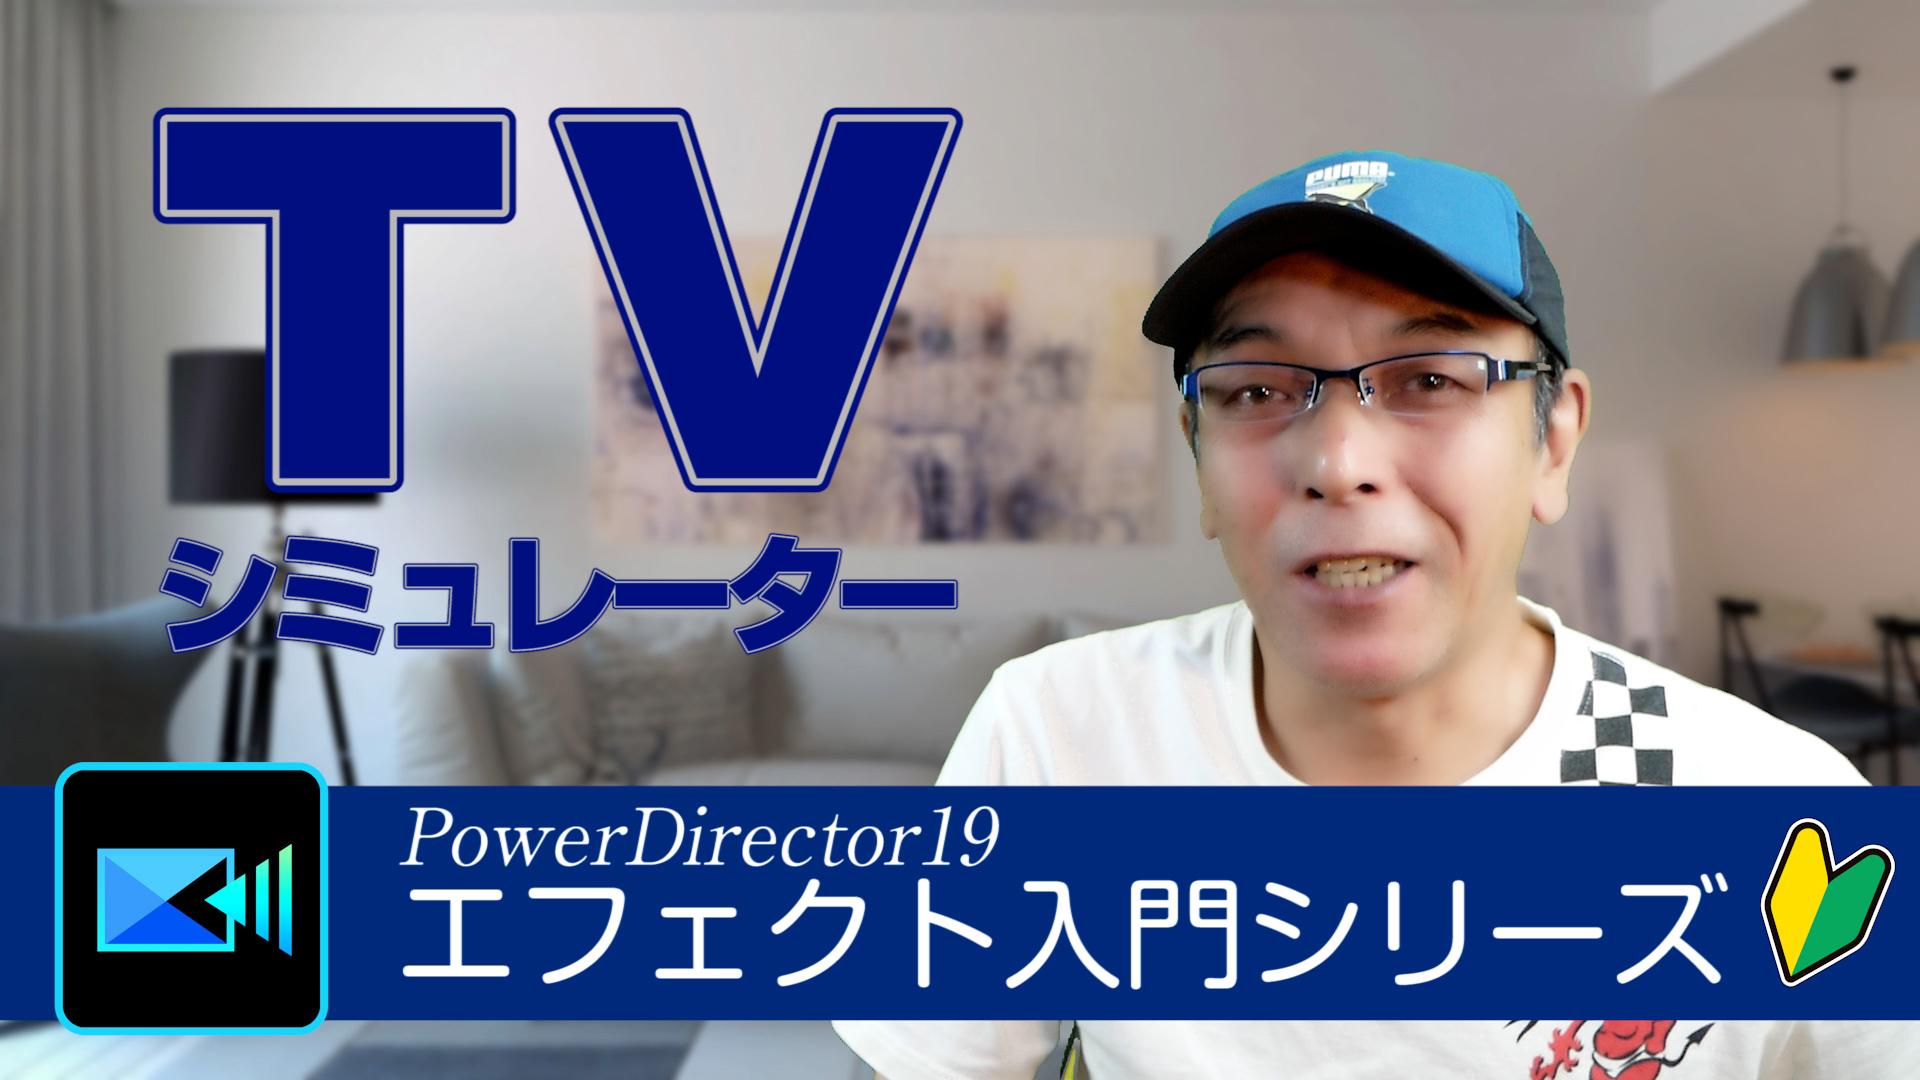 エフェクト(fx)入門シリーズ「TVシミュレーター」- PowerDirector19 初心者さん向け動画編集講座